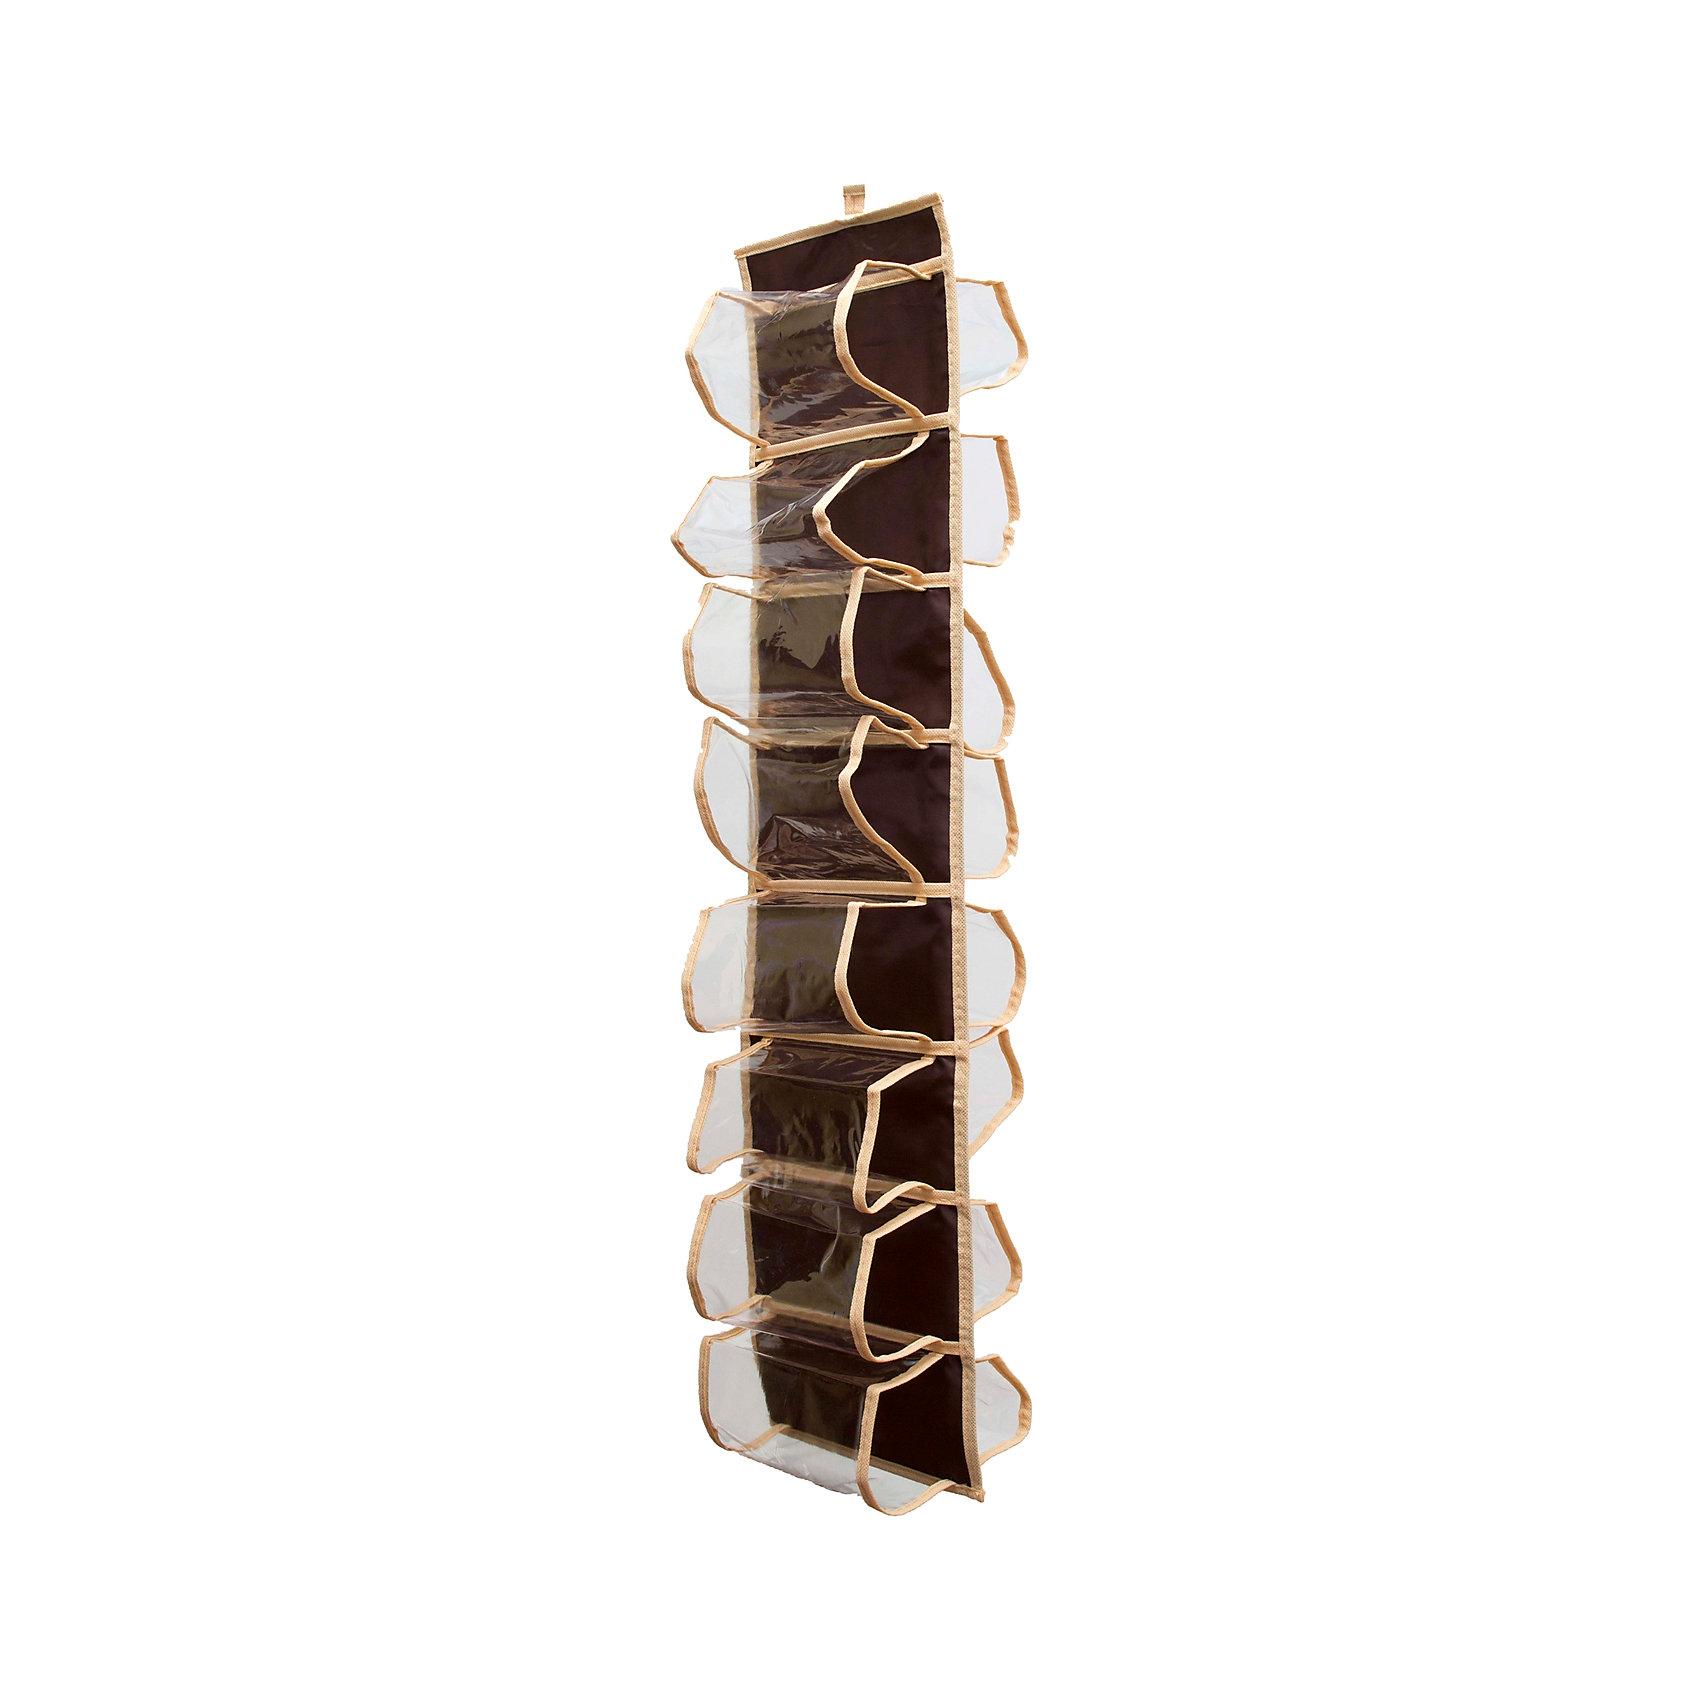 Органайзер для колготок, шарфов и мелочей Costa-Rica, HomsuПорядок в детской<br>Характеристики товара:<br><br>• цвет: коричневый<br>• материал: полиэстер<br>• размер: 20х80 см.<br>• вес: 200 гр.<br>• легко складывается и раскладывается<br>• крепление: петля<br>• естественная вентиляция<br>• вместимость: 16 отделений<br>• страна бренда: Россия<br>• страна изготовитель: Китай<br><br>Органайзер для колготок, шарфов и мелочей Costa-Rica от бренда Homsu (Хомсу) - очень удобная вещь для хранения вещей и эргономичной организации пространства.<br><br>Он состоит из 16 отделений, легко крепится на стену, дверь или внутрь шкафов.<br><br>Органайзер для колготок, шарфов и мелочей Costa-Rica, Homsu можно купить в нашем интернет-магазине.<br><br>Ширина мм: 300<br>Глубина мм: 220<br>Высота мм: 20<br>Вес г: 200<br>Возраст от месяцев: 216<br>Возраст до месяцев: 1188<br>Пол: Унисекс<br>Возраст: Детский<br>SKU: 5620217